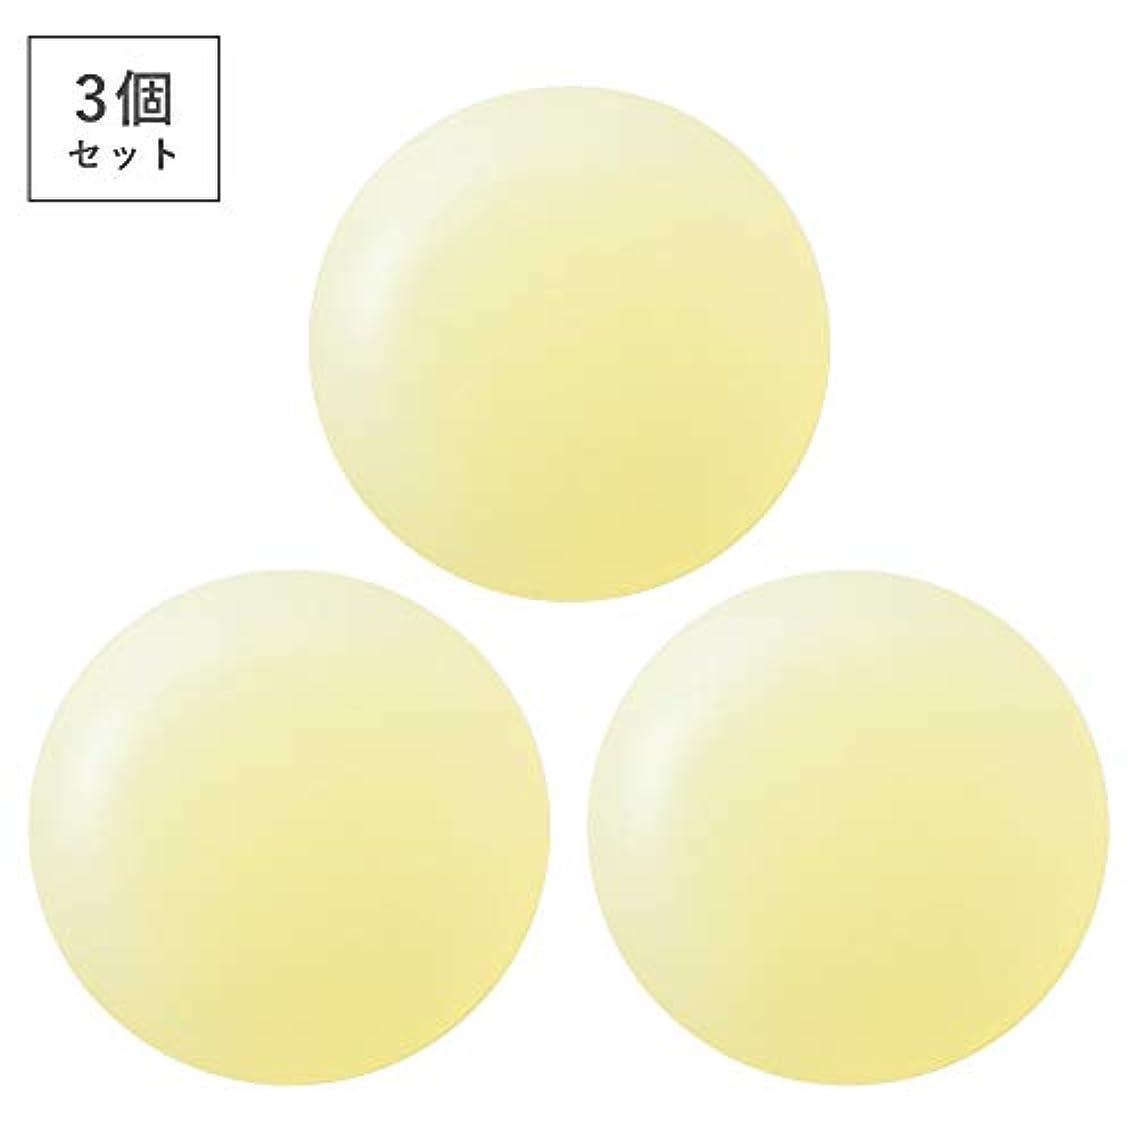 アイザックタンパク質周辺【3個セット】ミョウバン柿渋石鹸(ナチュラルクリアソープ) (03個)